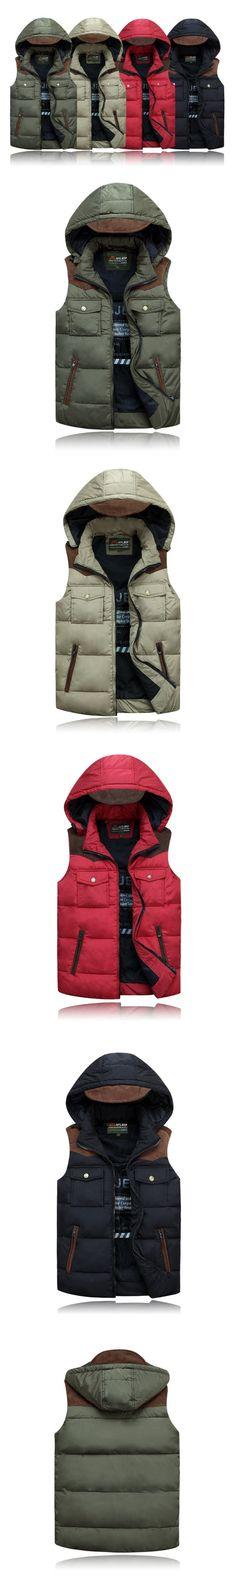 9b7e54c1a 69.56 |Nuevos hombres de la llegada caliente del invierno abajo chaleco de  hombre Outwear abajo concede la chaqueta de invierno gruesa capa sin mangas  ...